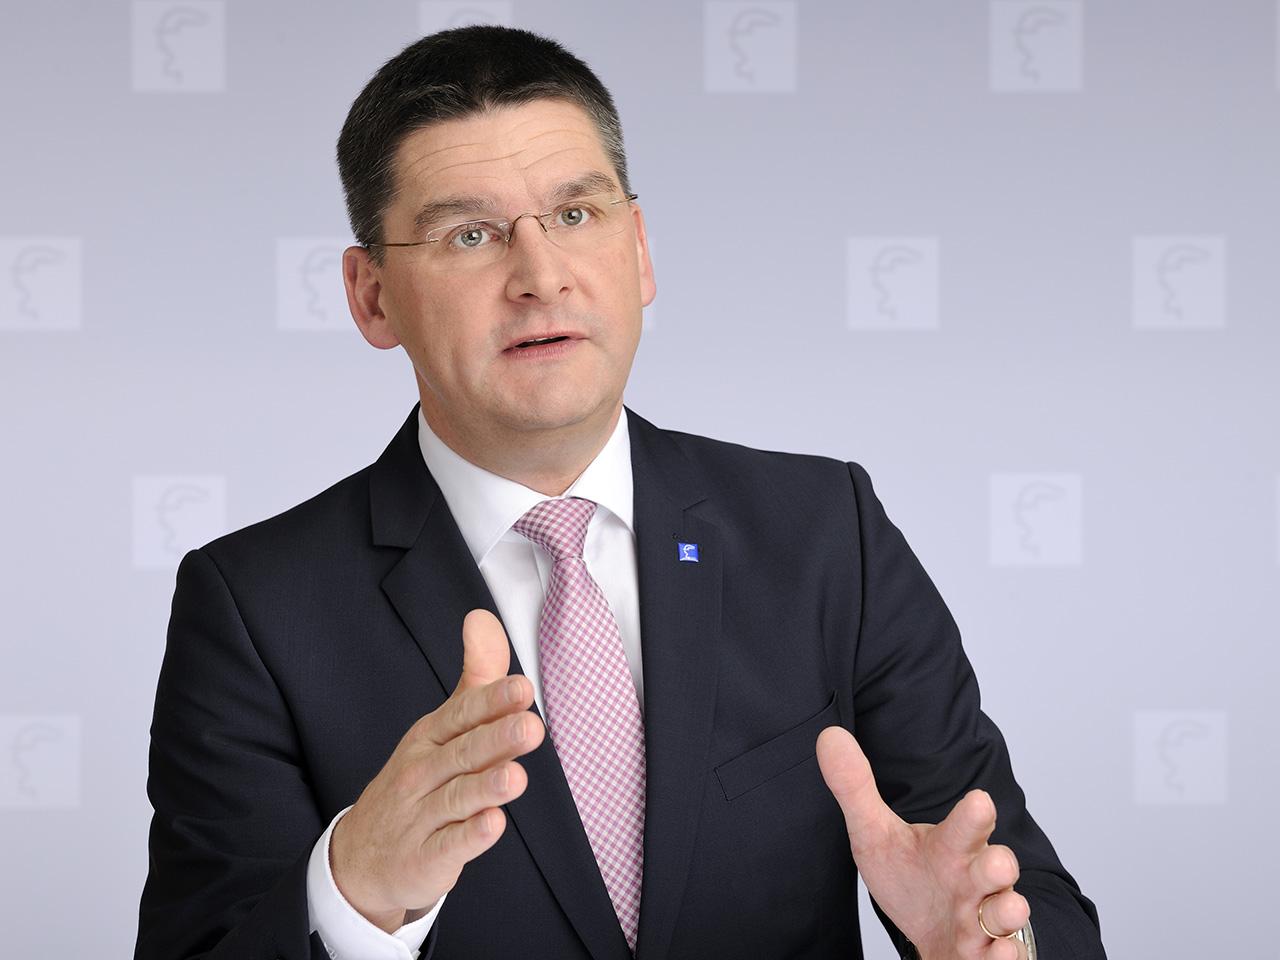 Oliver Frese, Vorstand der Deutschen Messe AG will noch mehr Startups auf die CeBIT bringen. (Bild: Deutsche Messe)